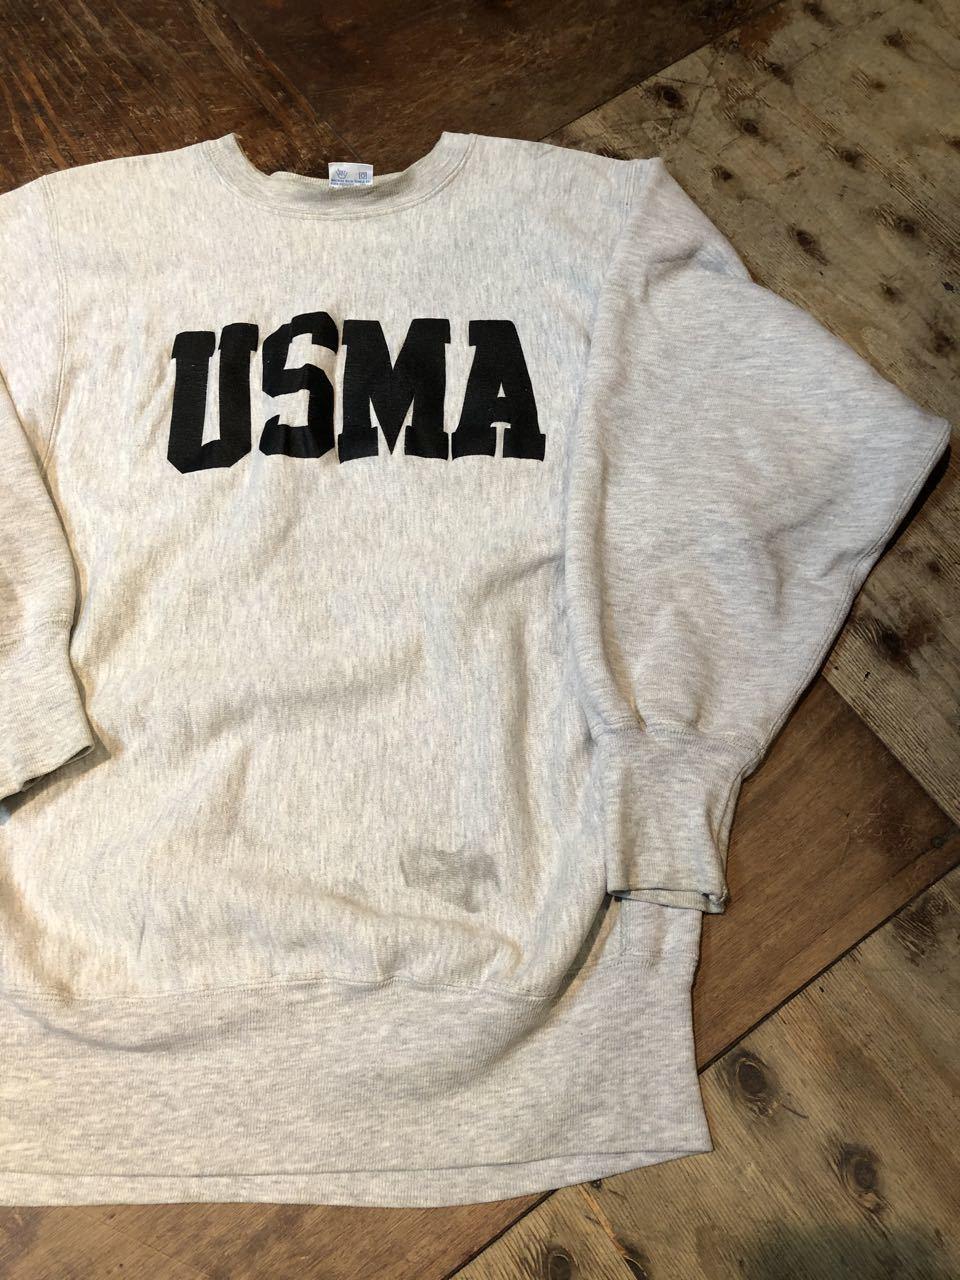 12月28日(土)入荷!90s U.S.M.A チャンピオン champion reverseweave スエットシャツ!_c0144020_19231721.jpg